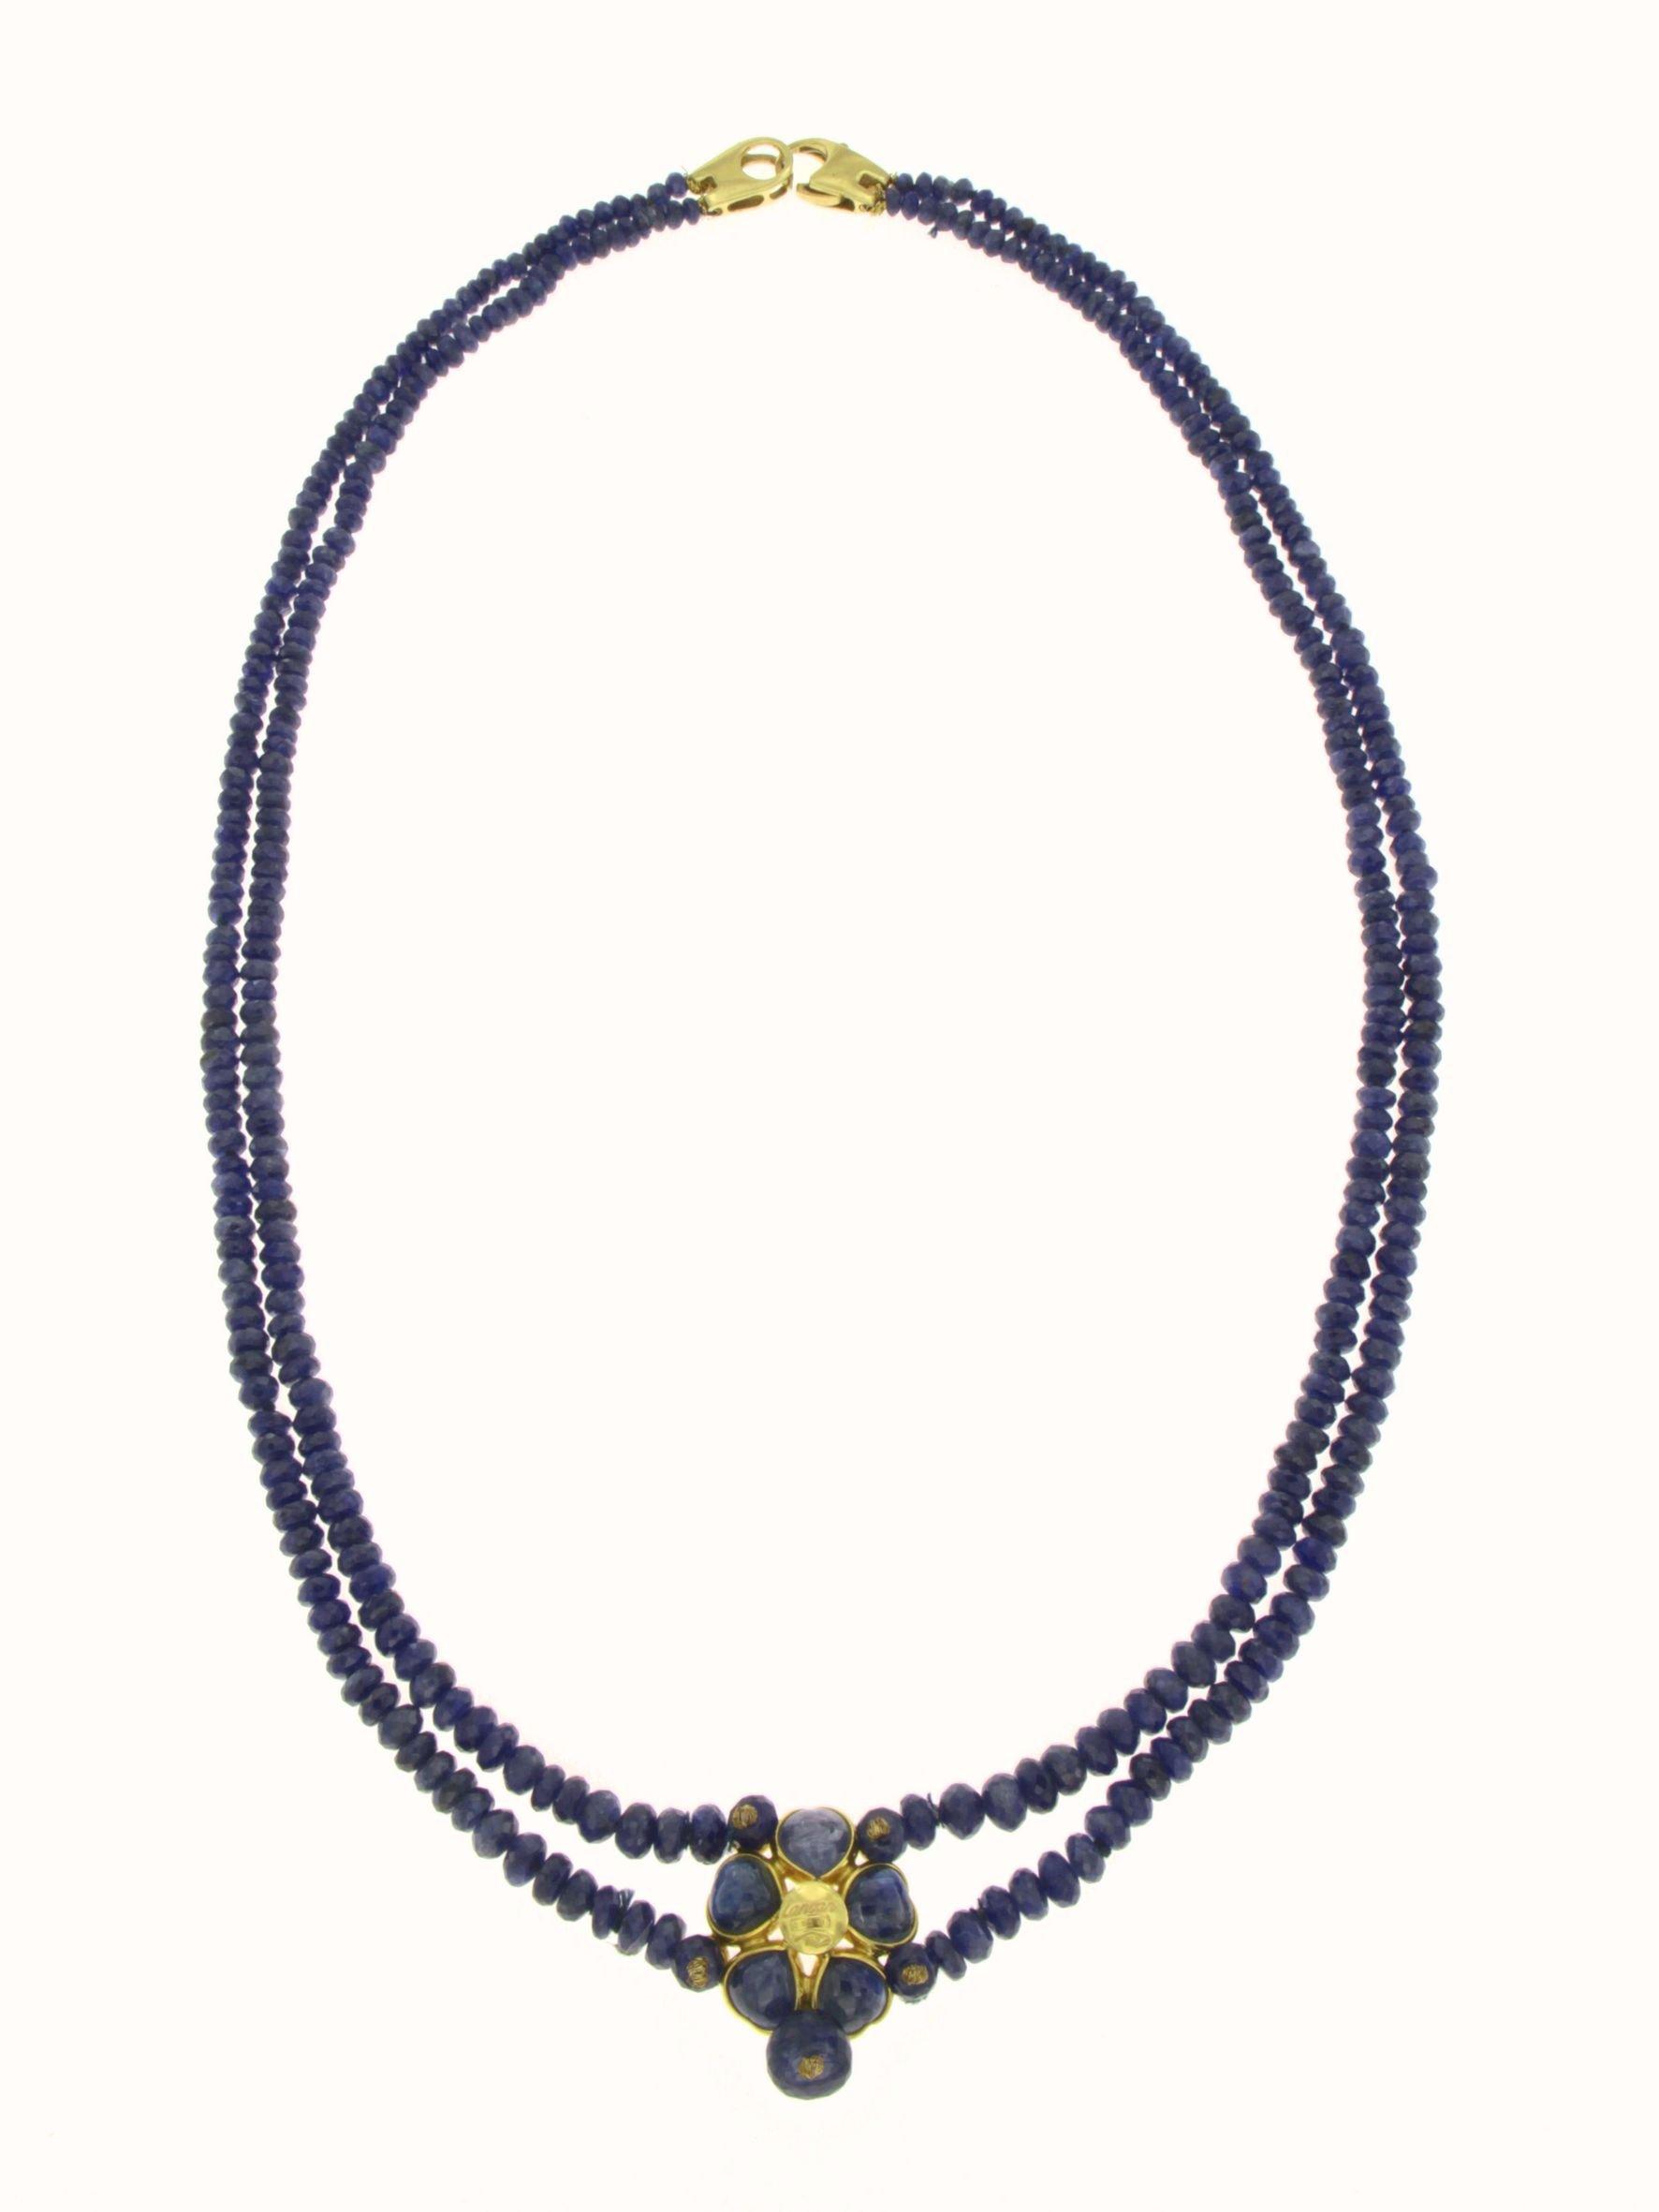 Collana in zaffiro di due fili centrale in oro